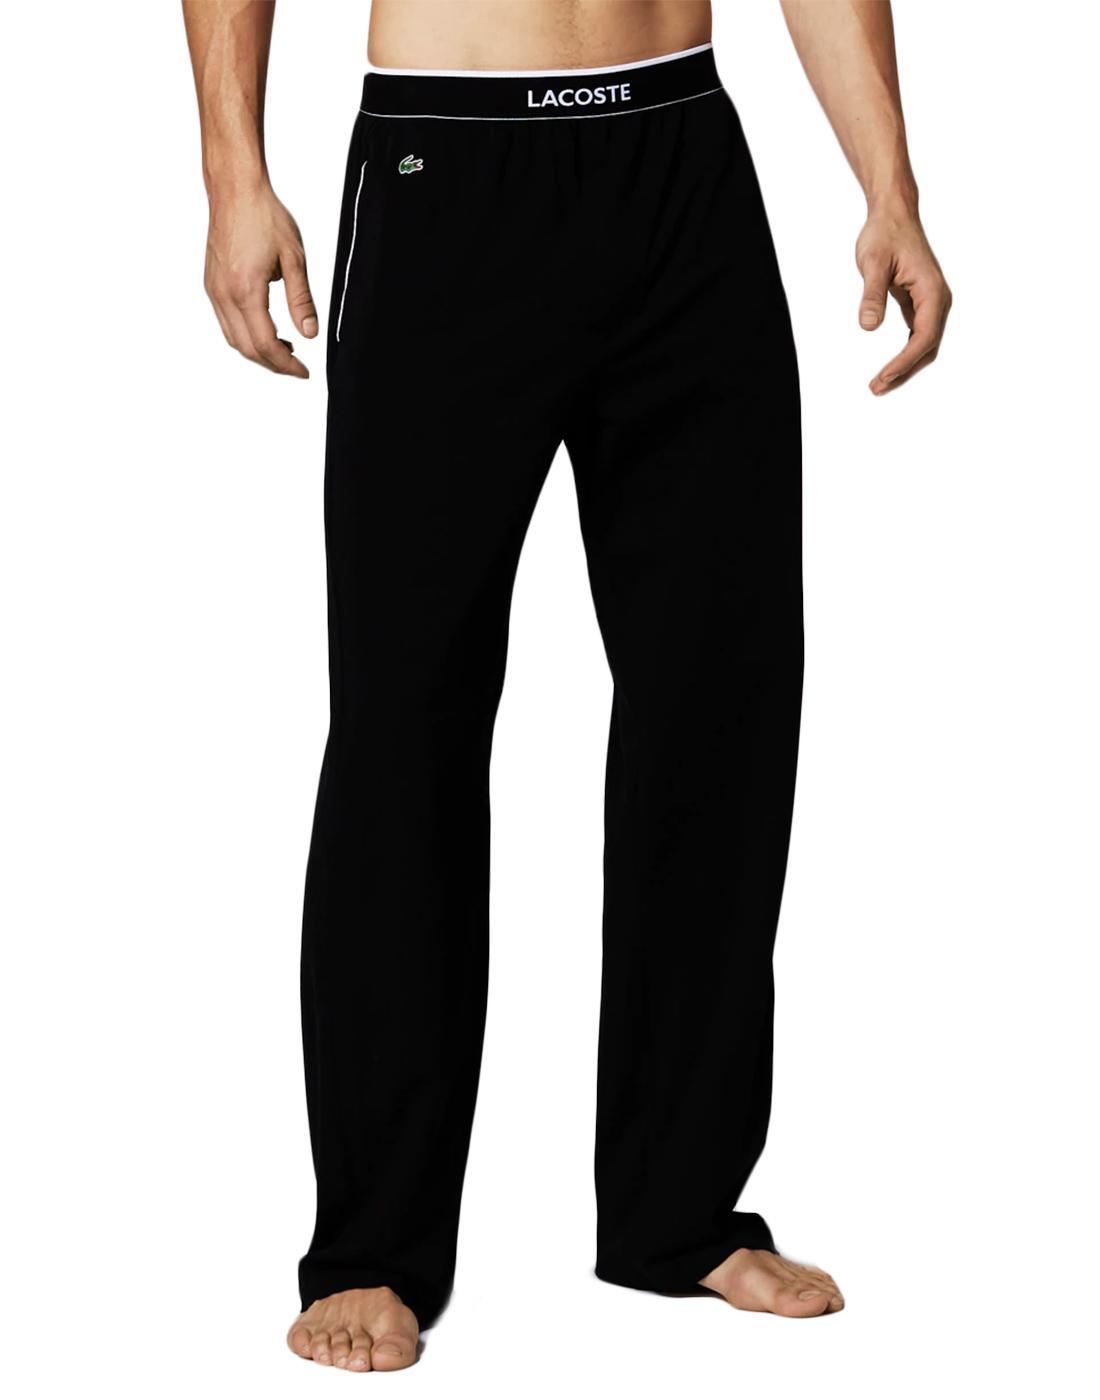 + LACOSTE Mens Retro Unicolour Lounge Pants Black